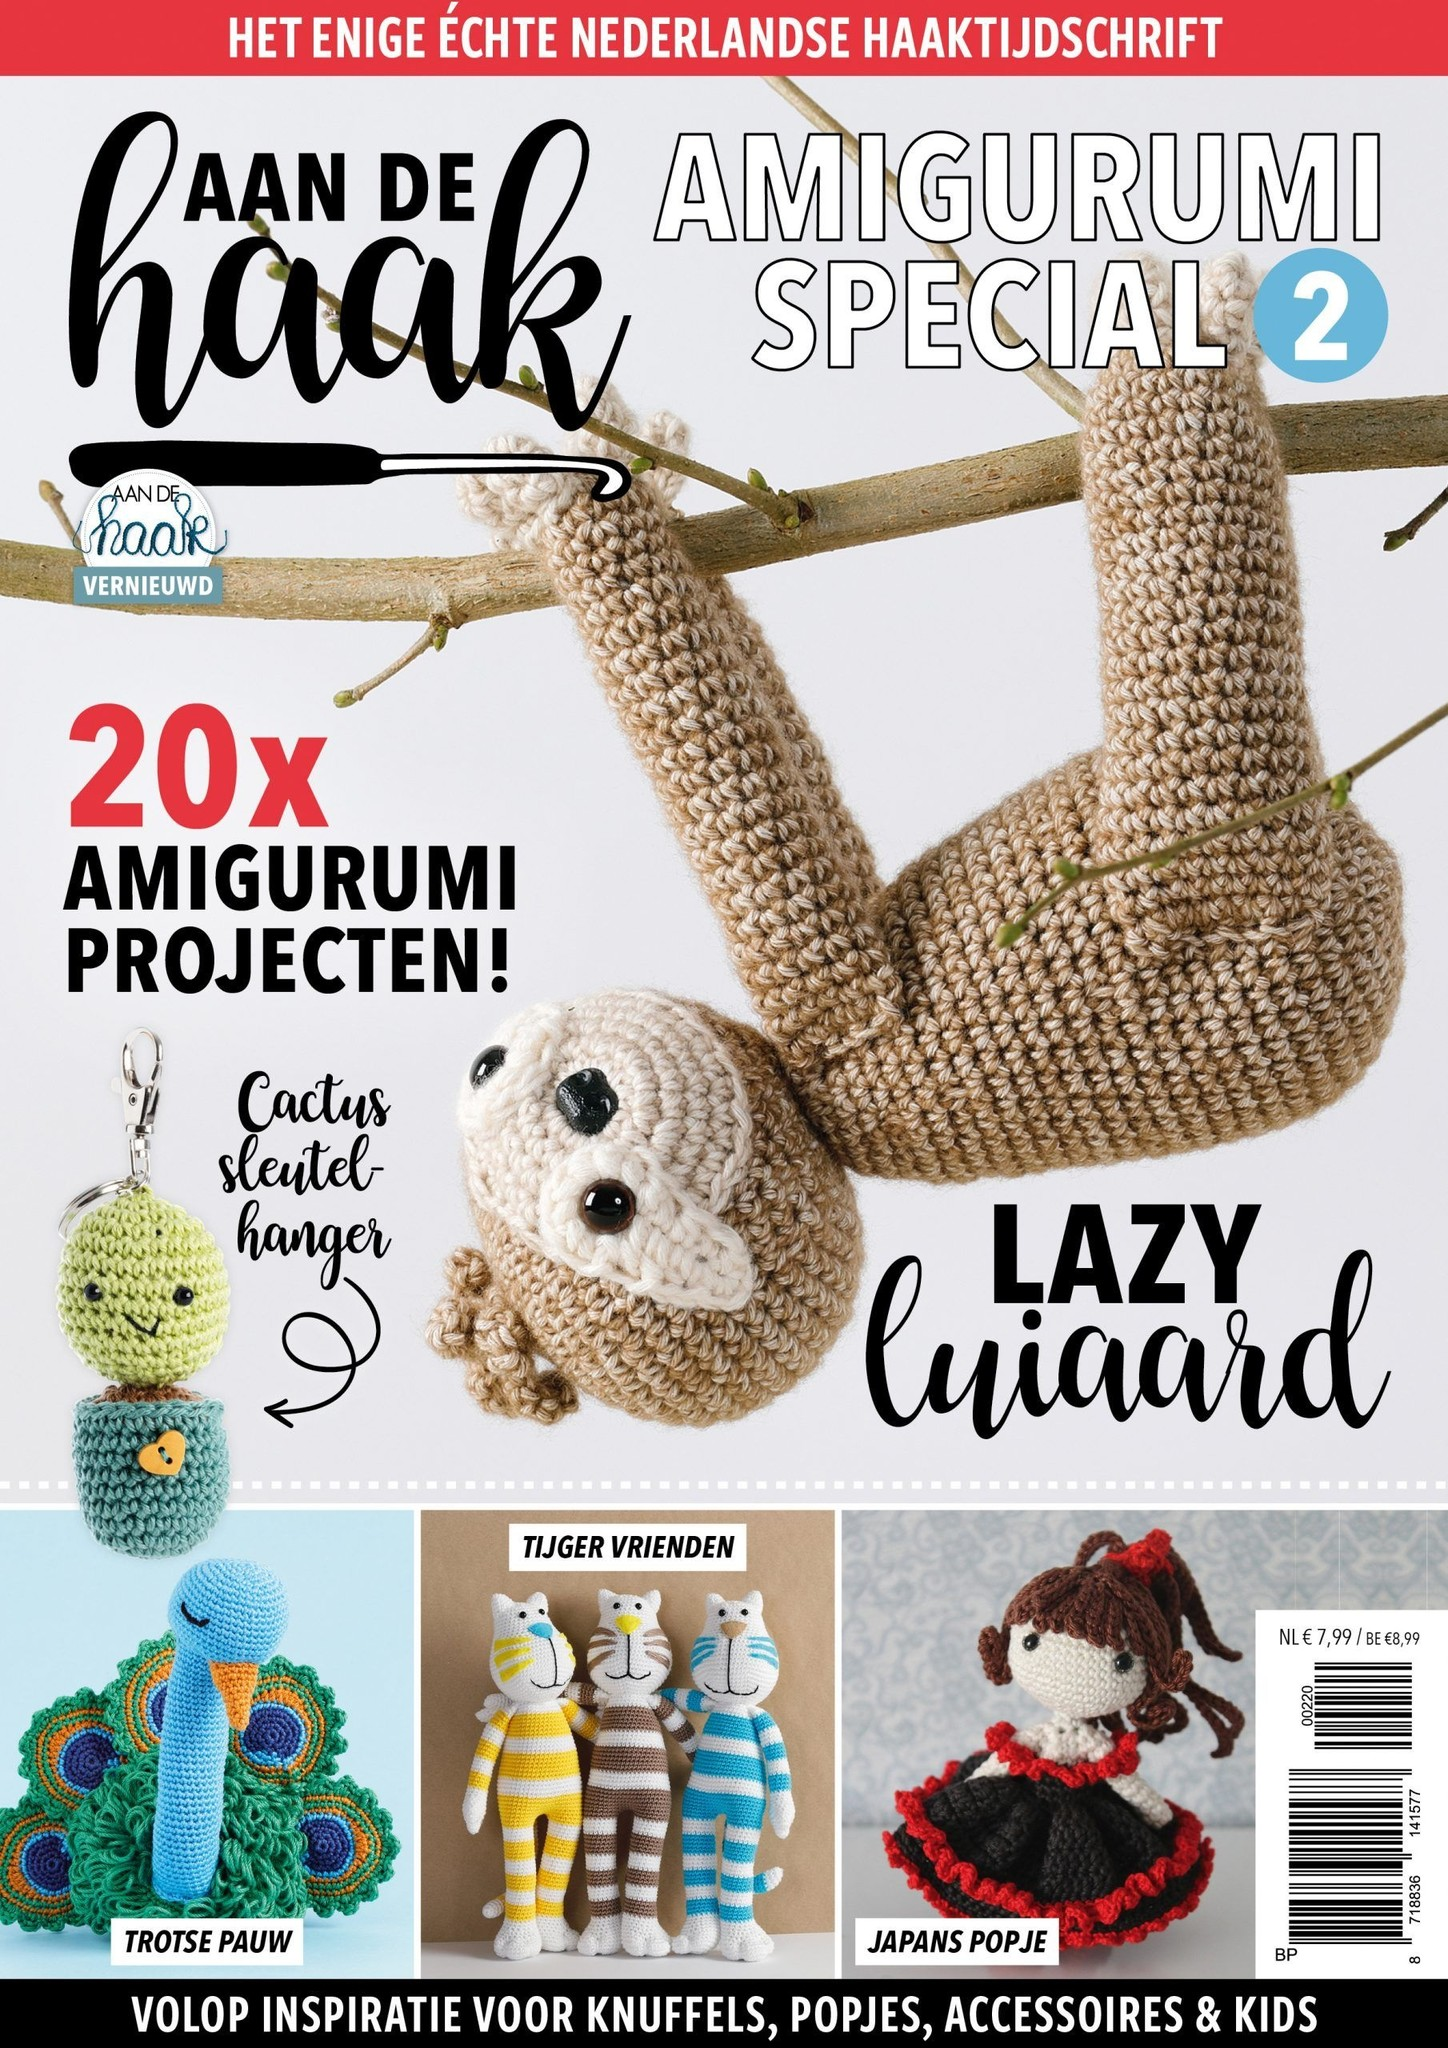 Cover aandehaak special